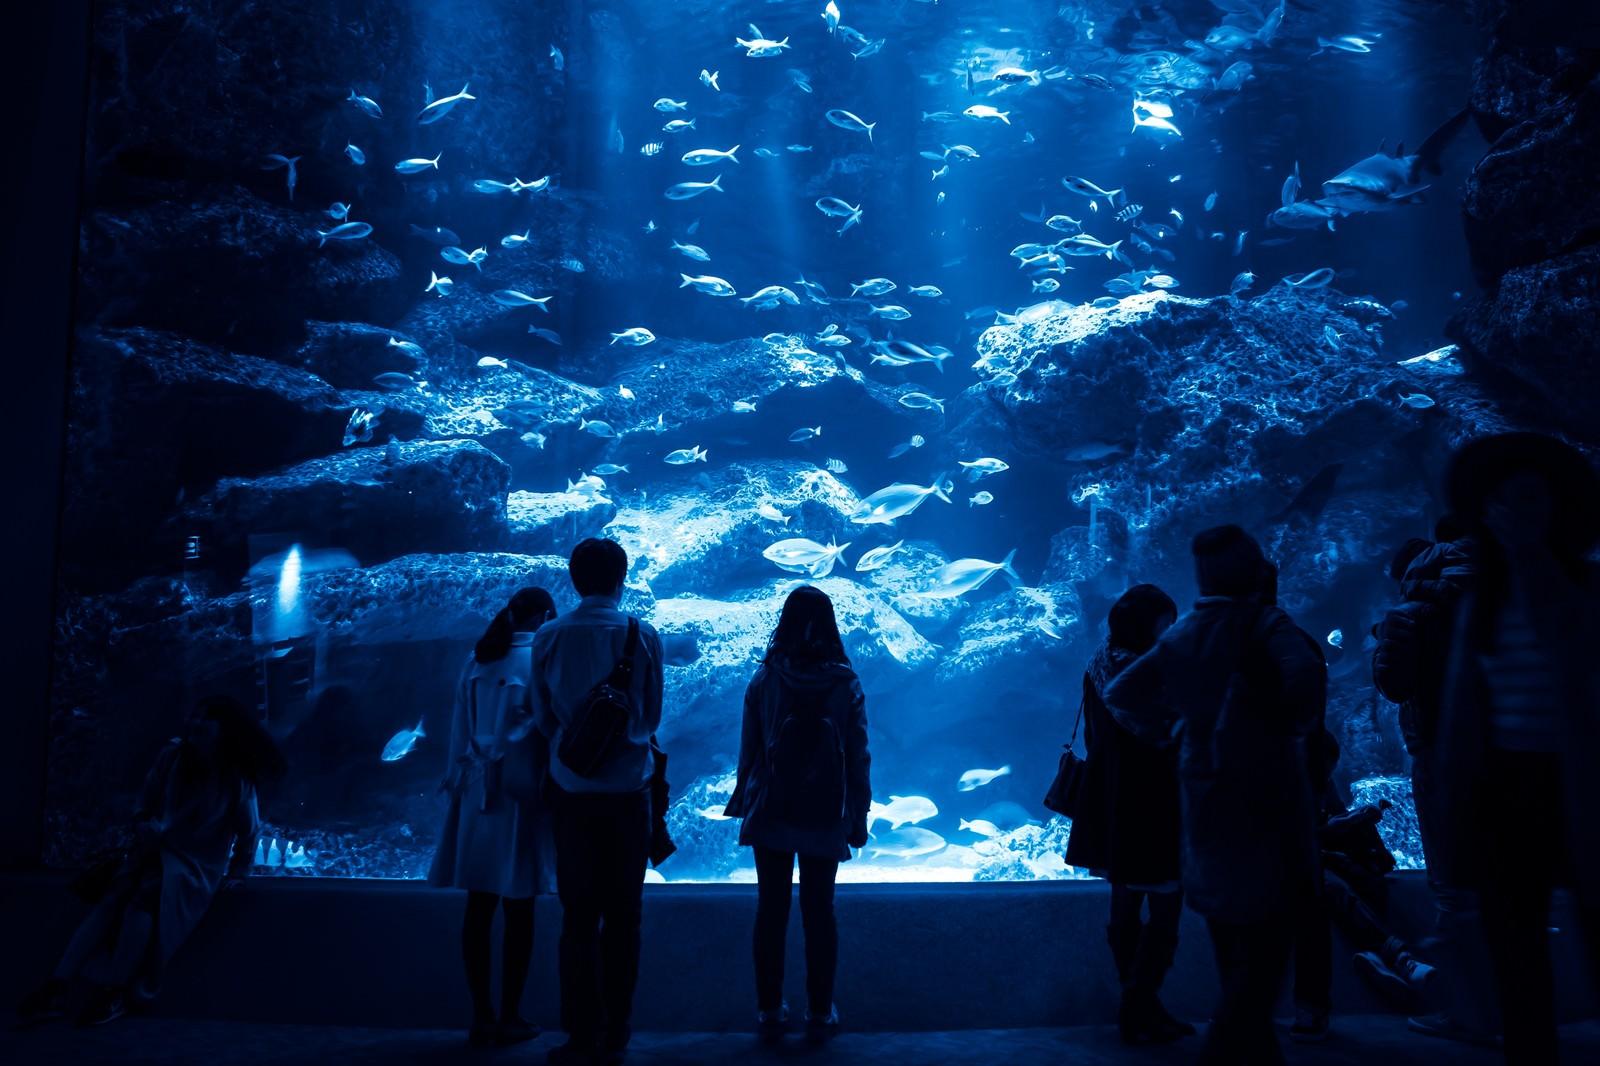 「巨大な水槽を見つめる来場者巨大な水槽を見つめる来場者」のフリー写真素材を拡大